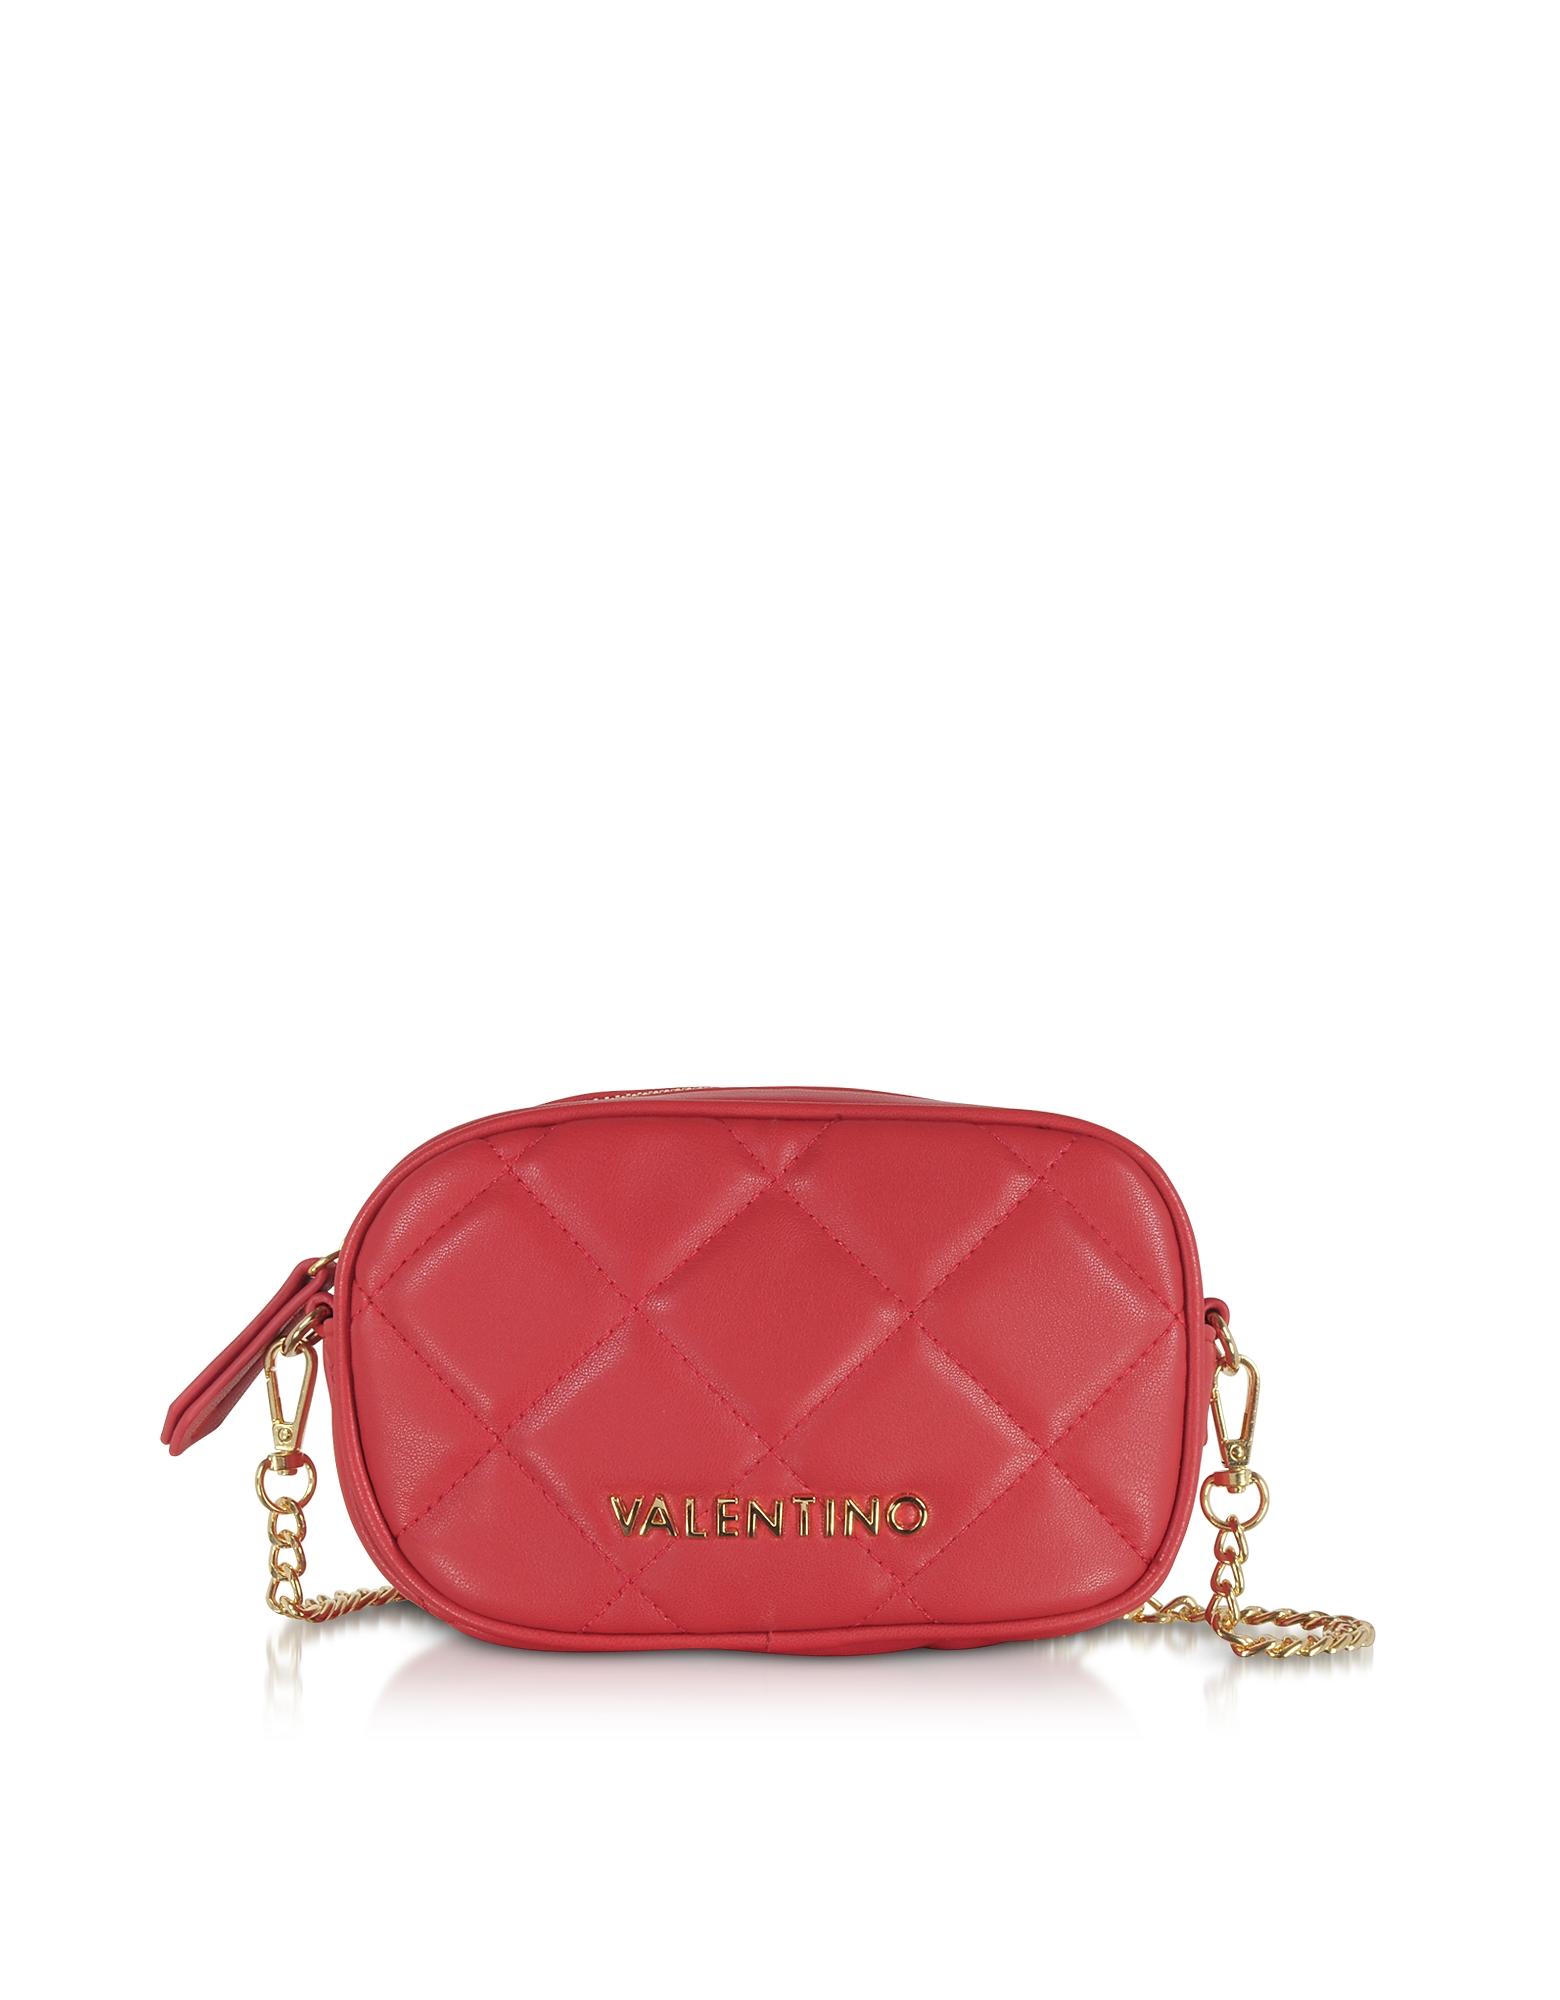 Valentino by Mario Valentino Designer Handbags, Ocarina Shoulder/Belt Bag